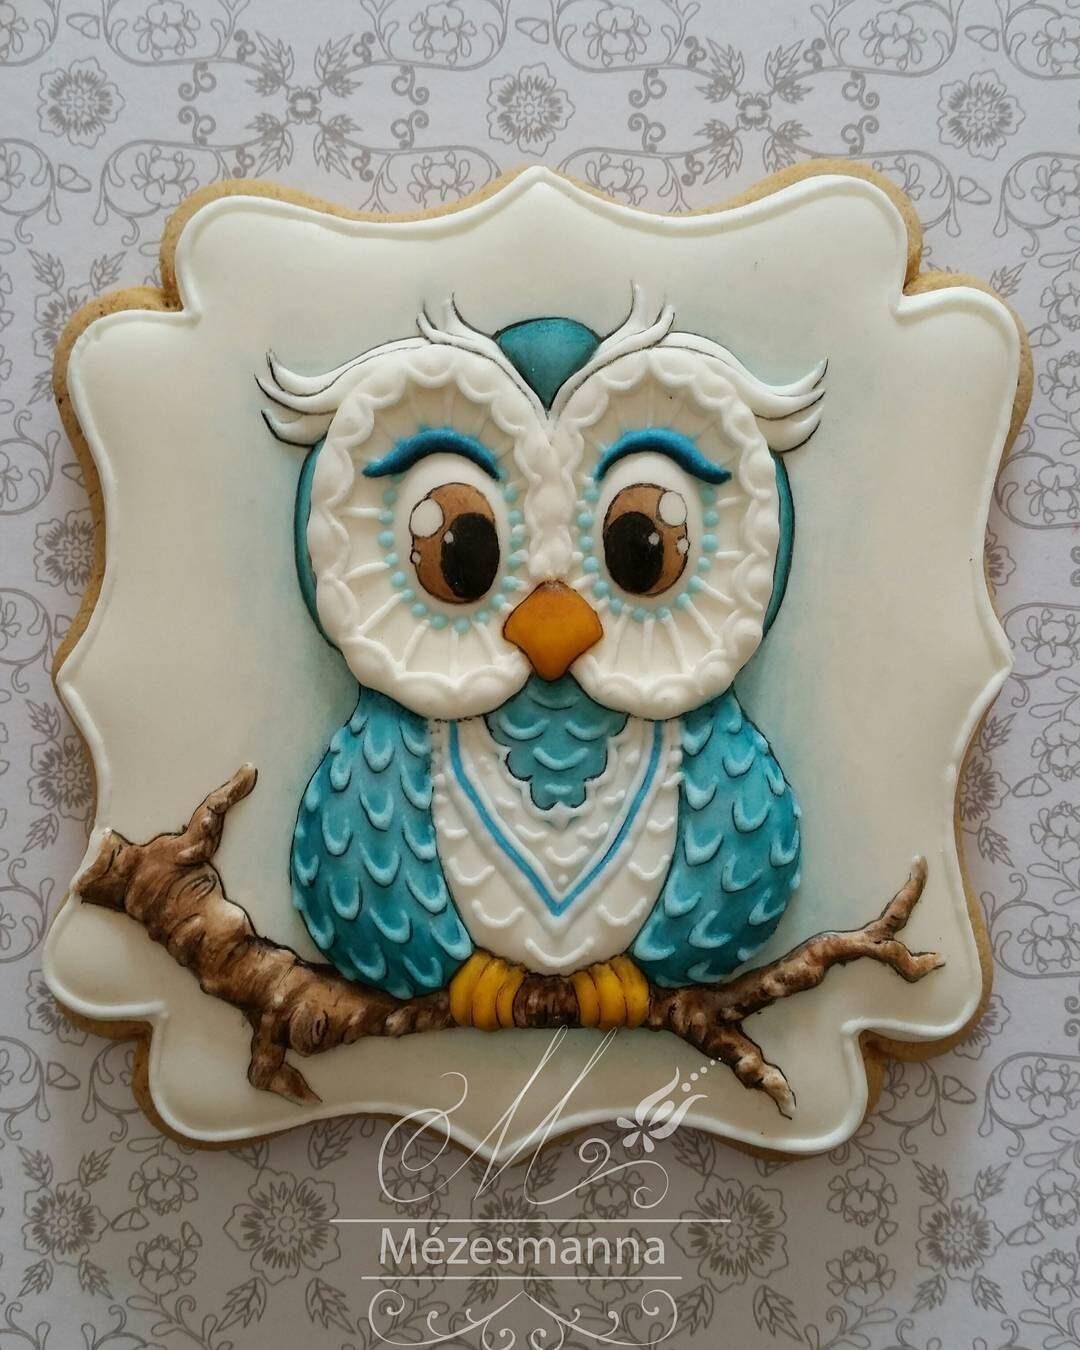 Венгерский кондитер Judit Czinkne Poor рисует на печенье разное,художество